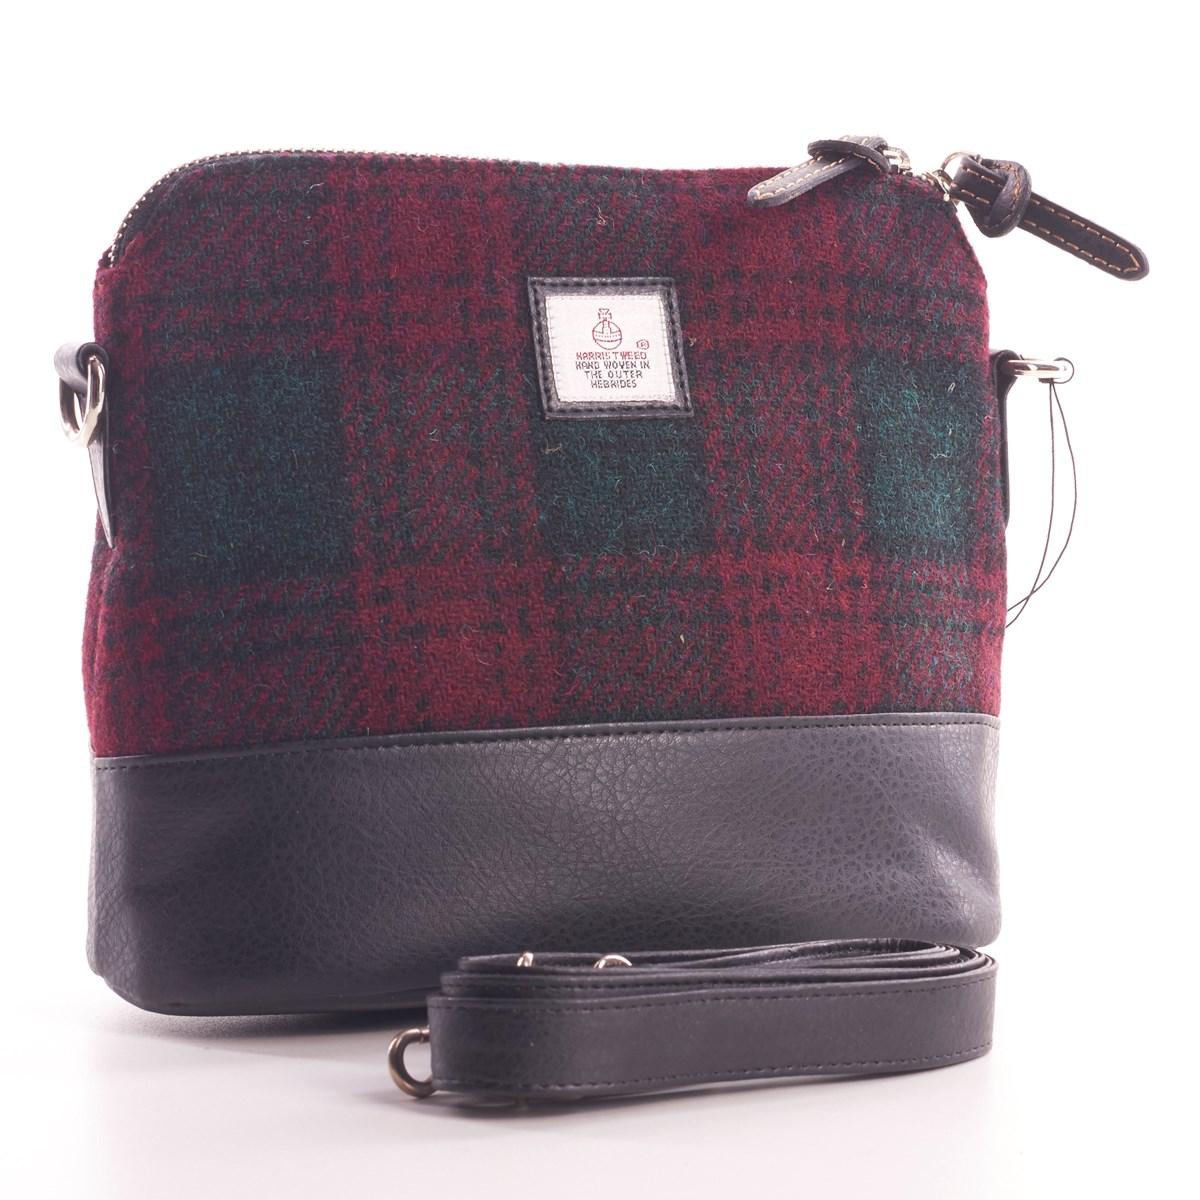 19854afbf3 Ladies Maroon Harris Tweed Shoulder Bag - The Kilt Store